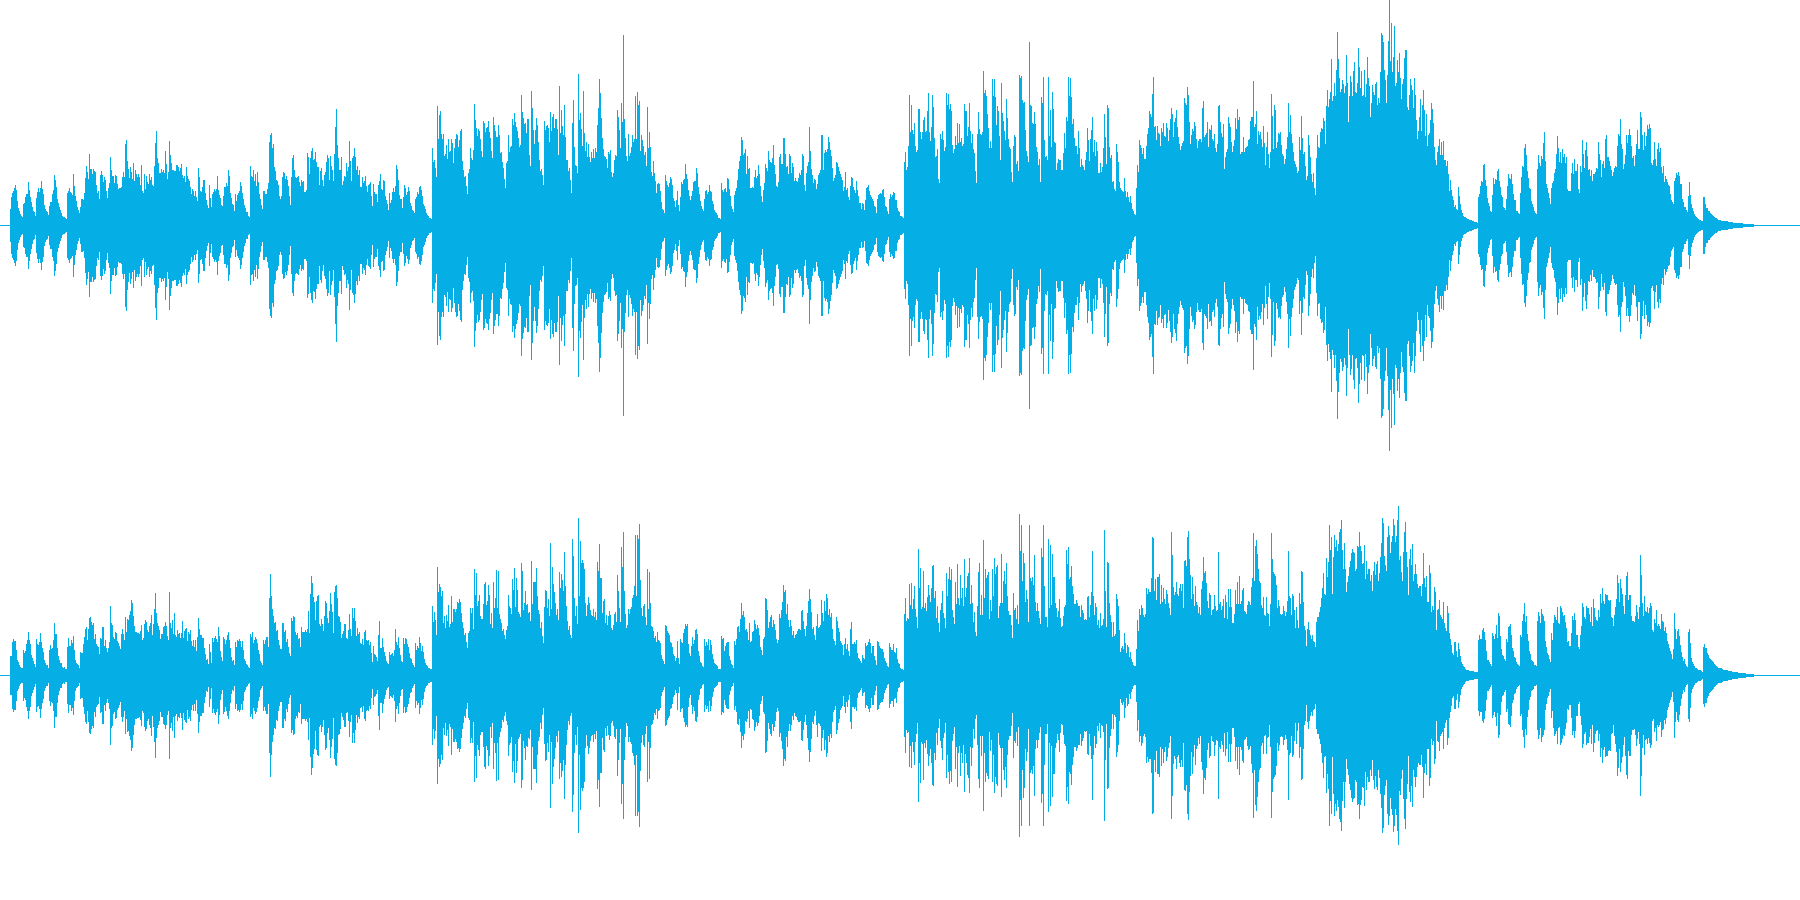 おだやかになるピアノバラードの再生済みの波形